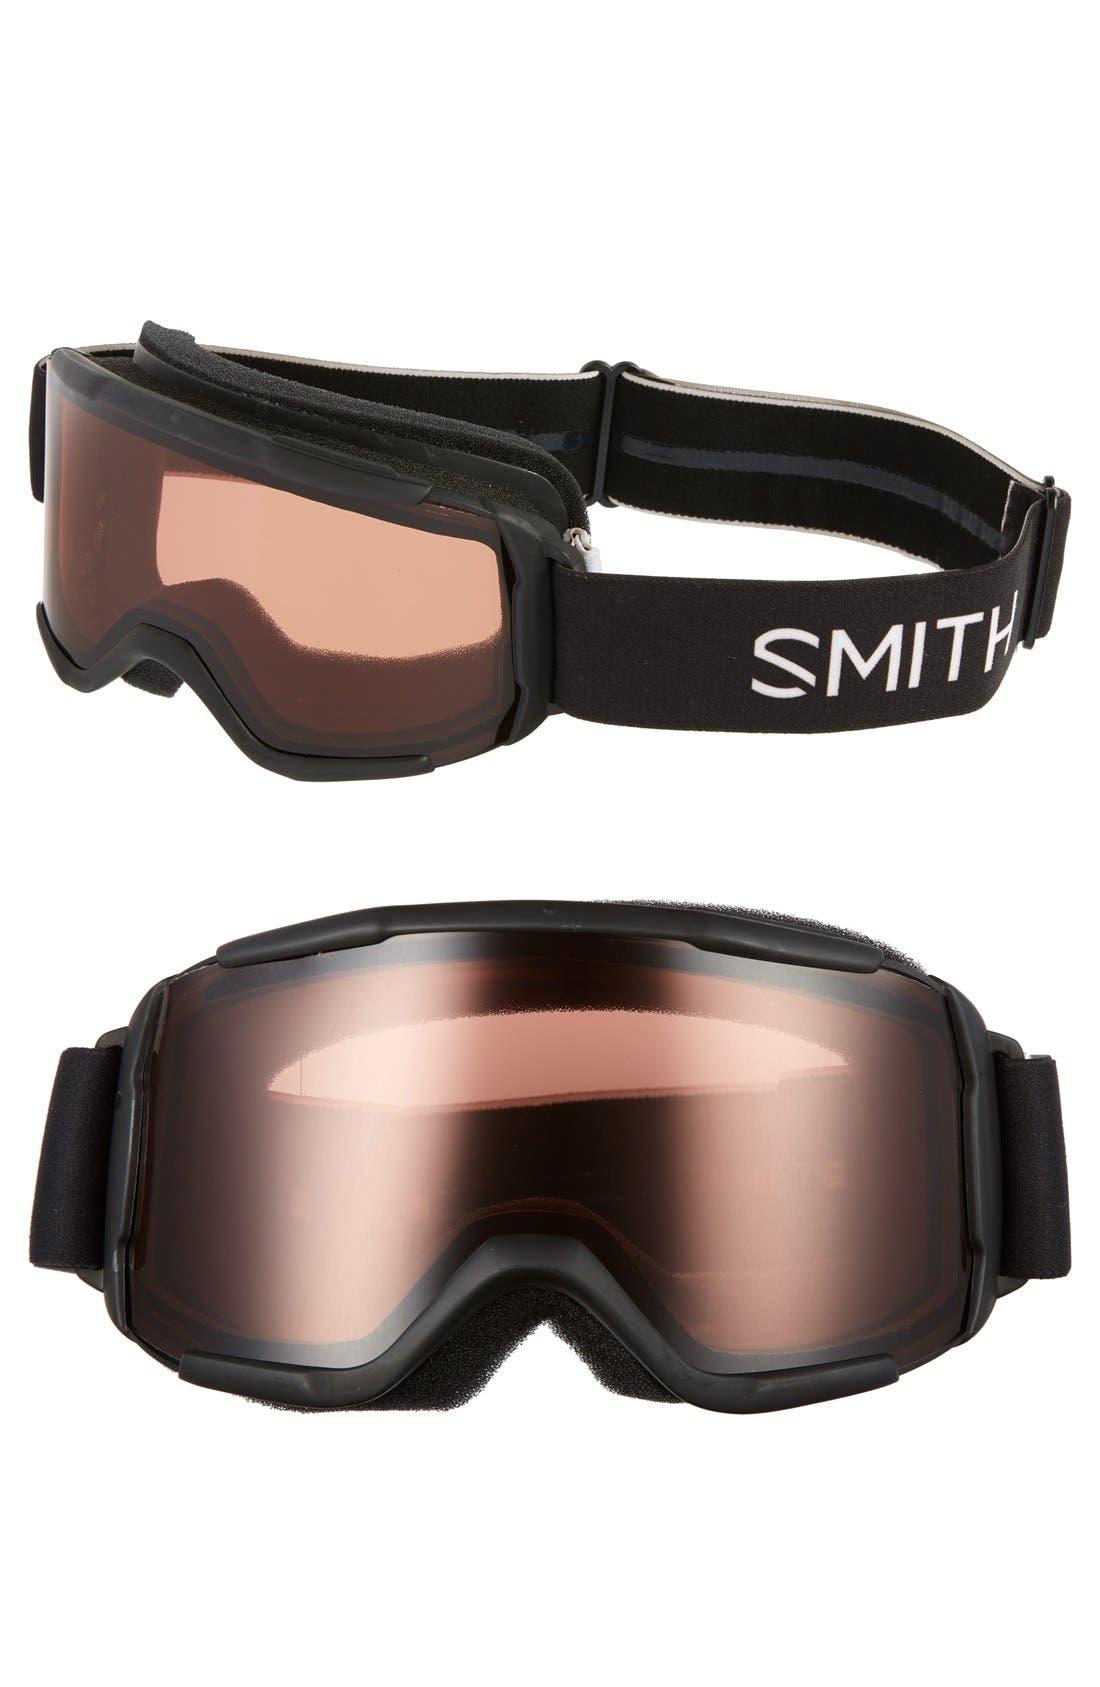 'Daredevil' Snow Goggles,                         Main,                         color, Black/ Rc36